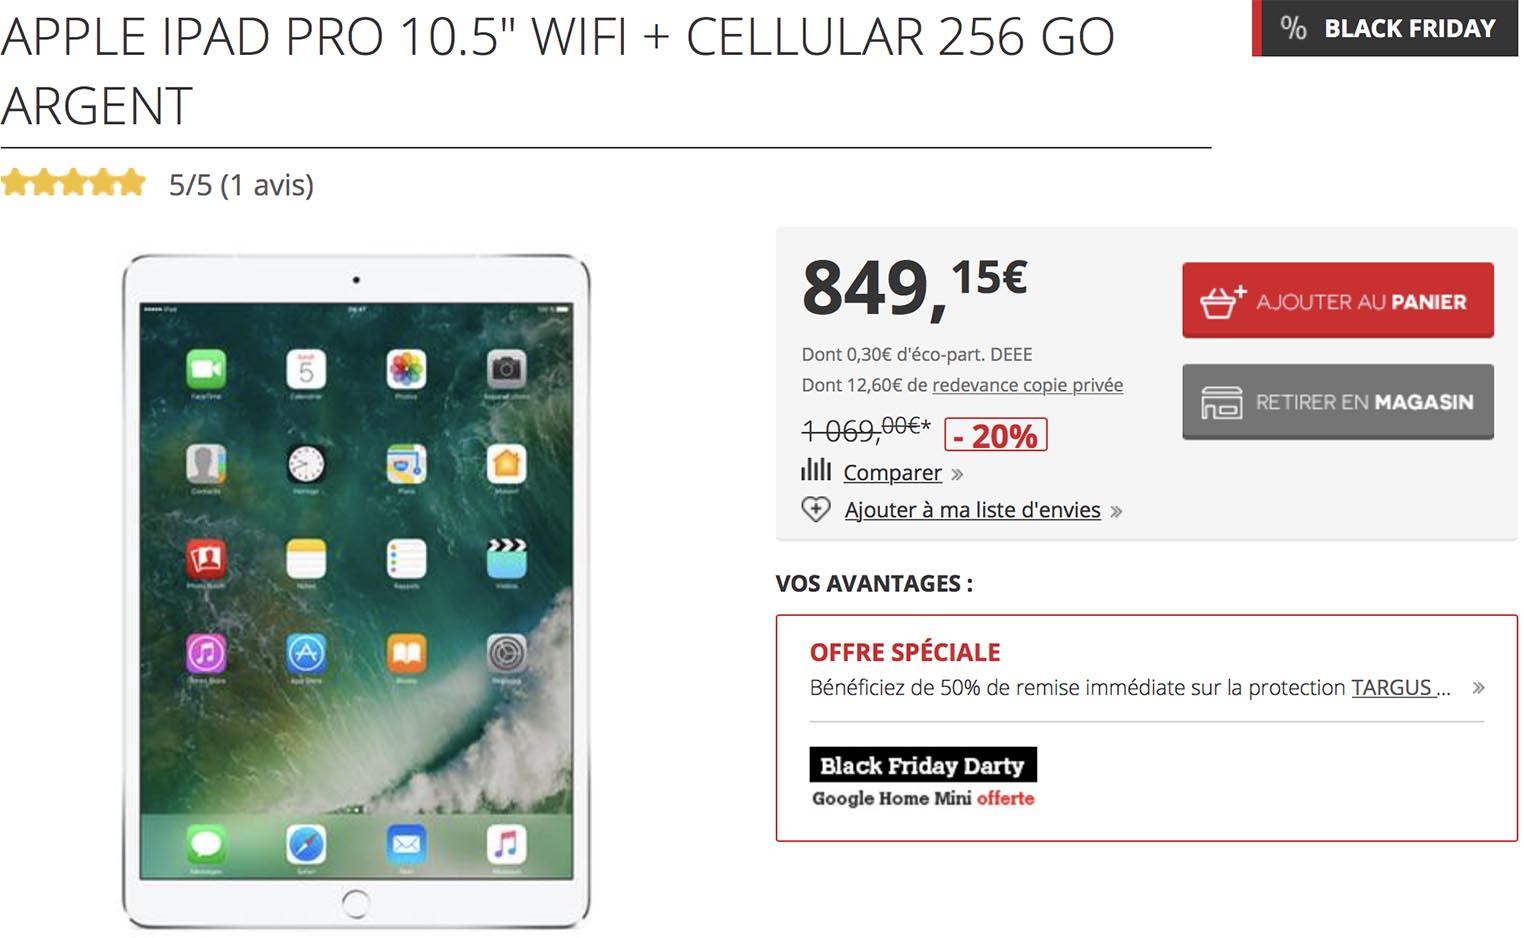 iPad Pro Black Friday Darty